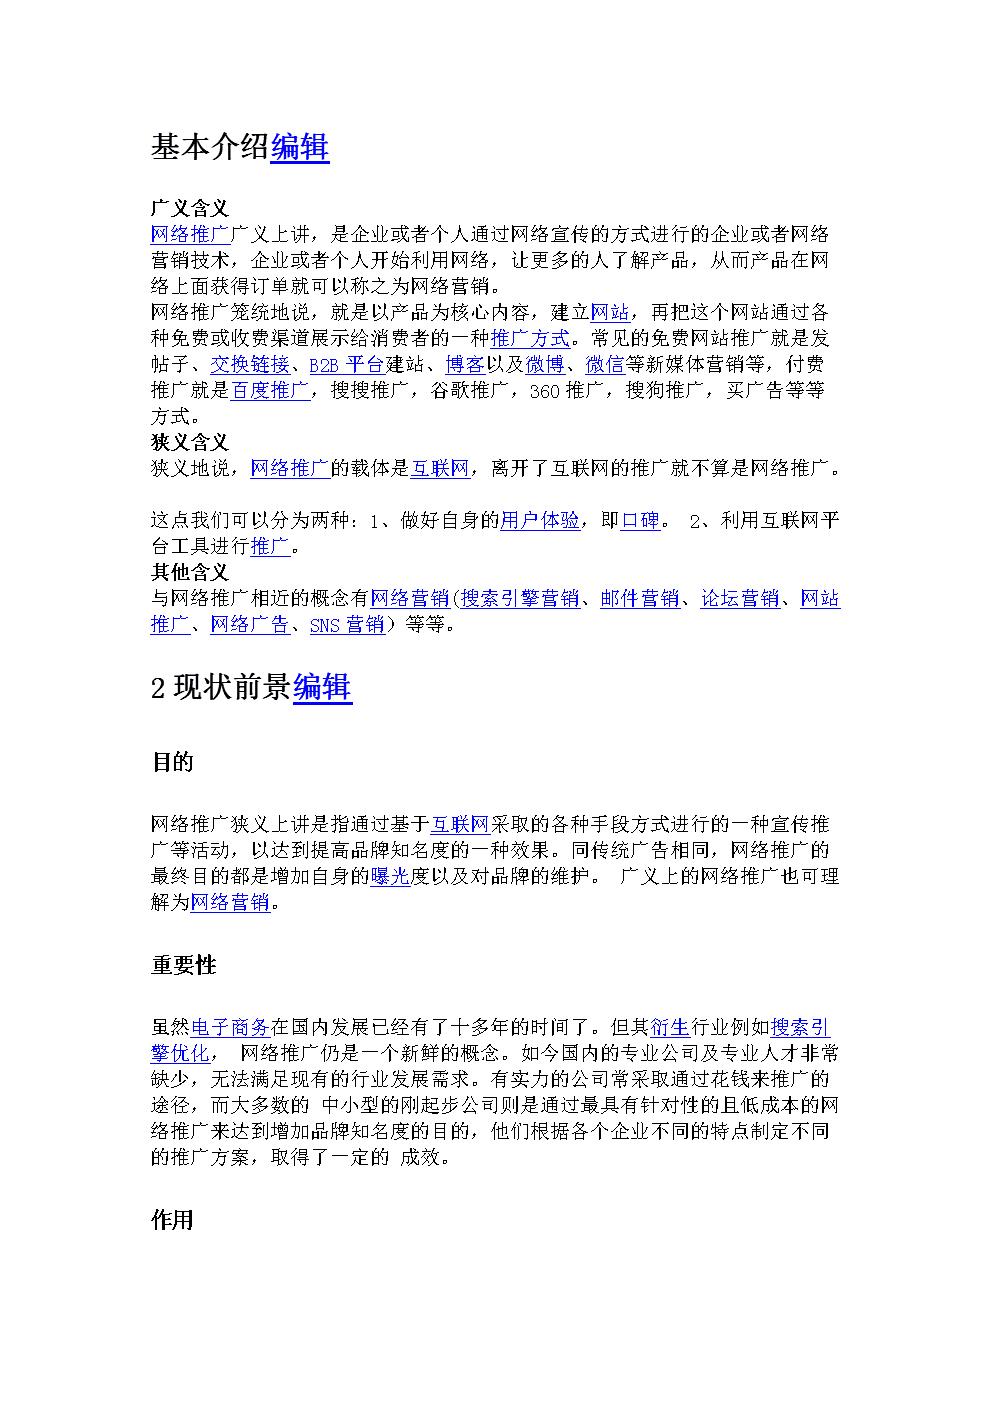 互联网推广指导文章.docx